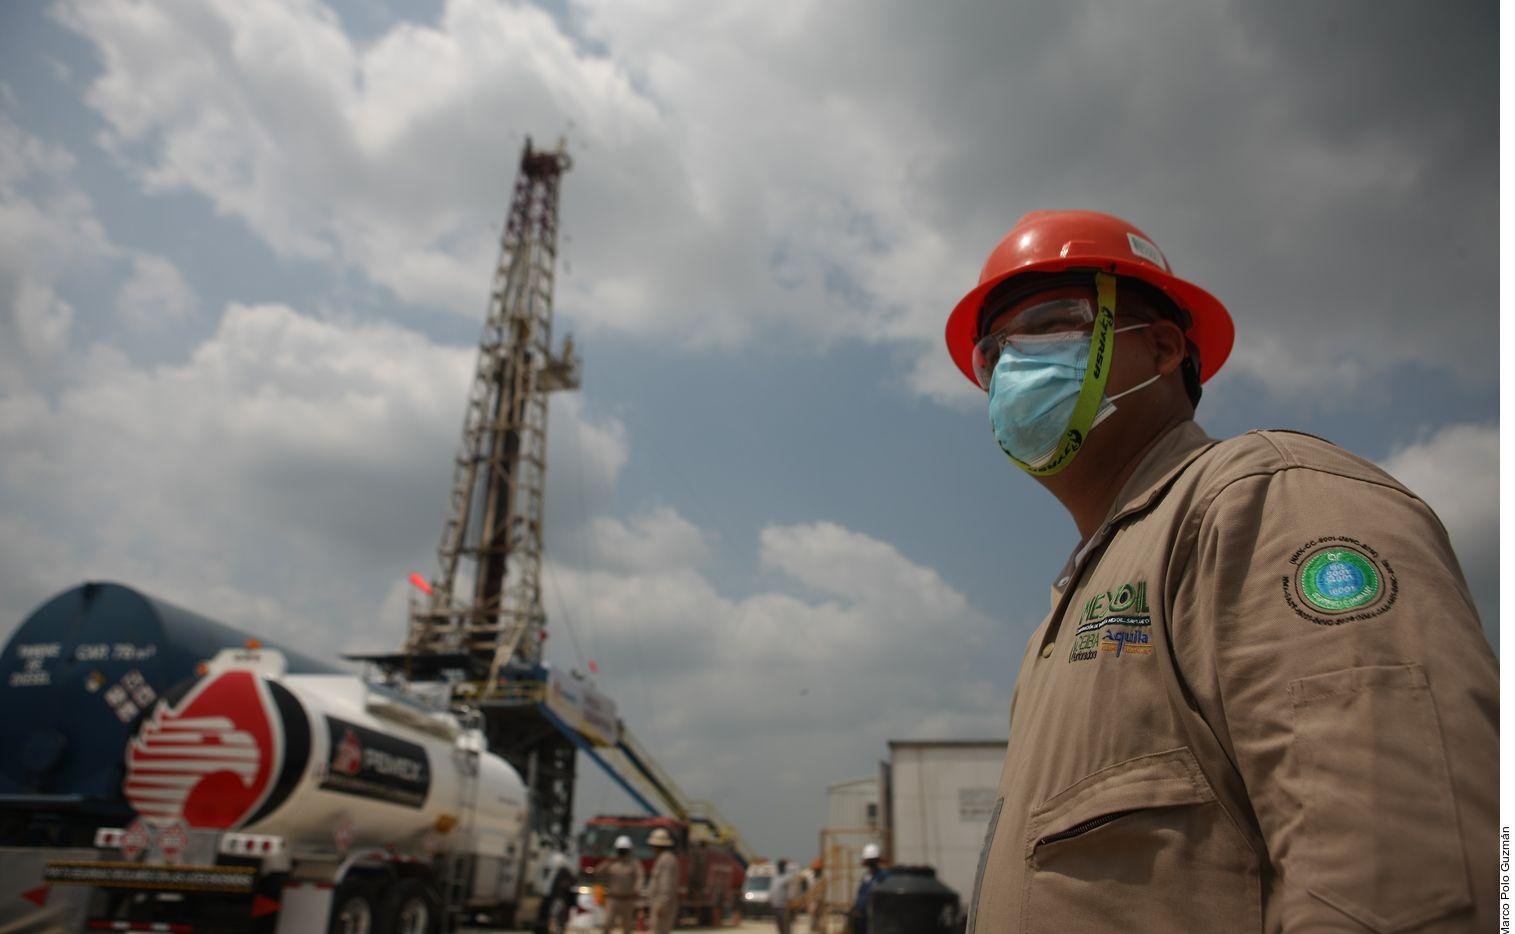 Pemex anunció el descubrimiento del yacimiento terrestre con entre 500 y 600 millones de petróleo crudo equivalente, principalmente en forma de gas natural, el cual formará parte de un nuevo complejo petrolero.